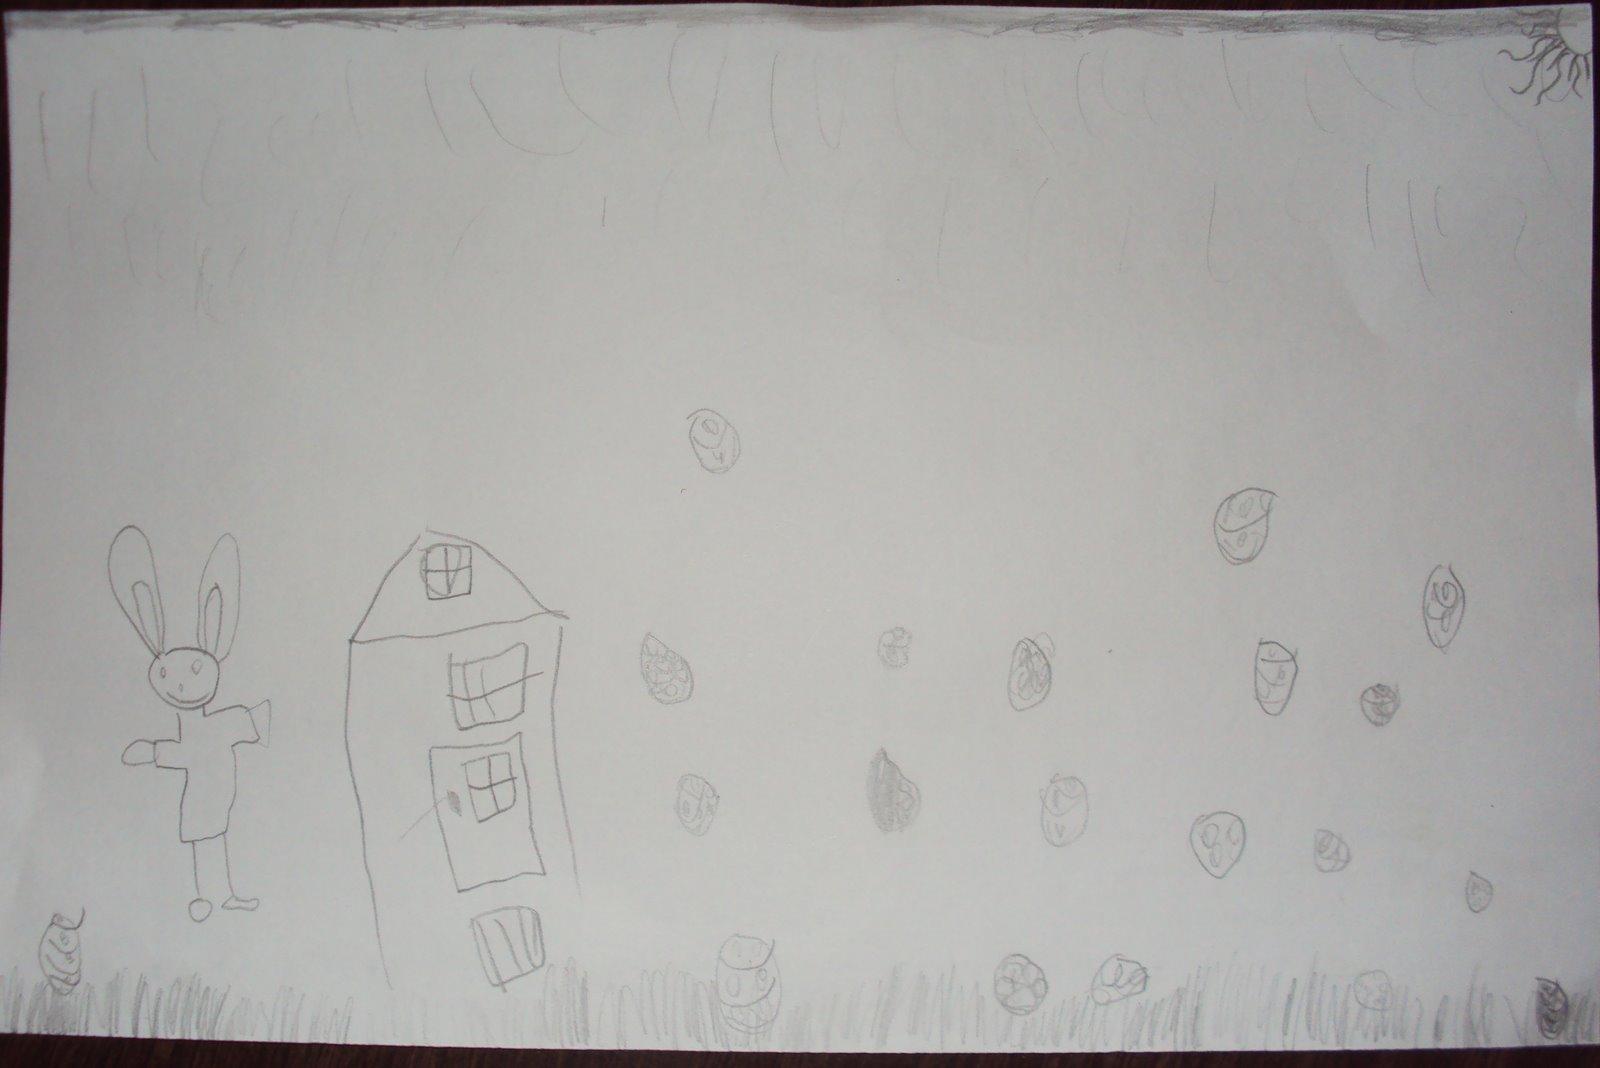 kunst ei beplakken met geknipt papier